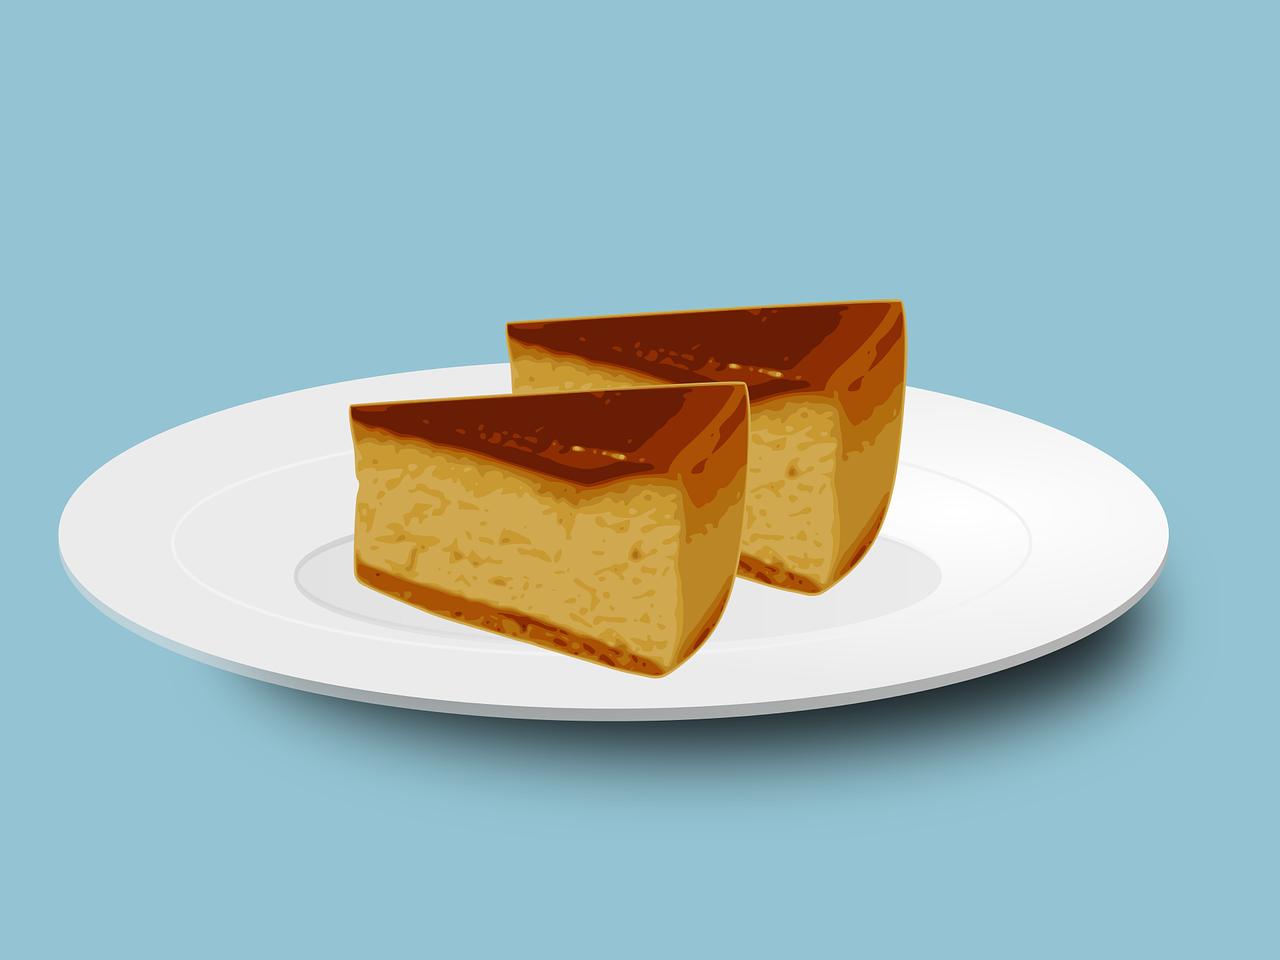 cheesecake-2025421_1280